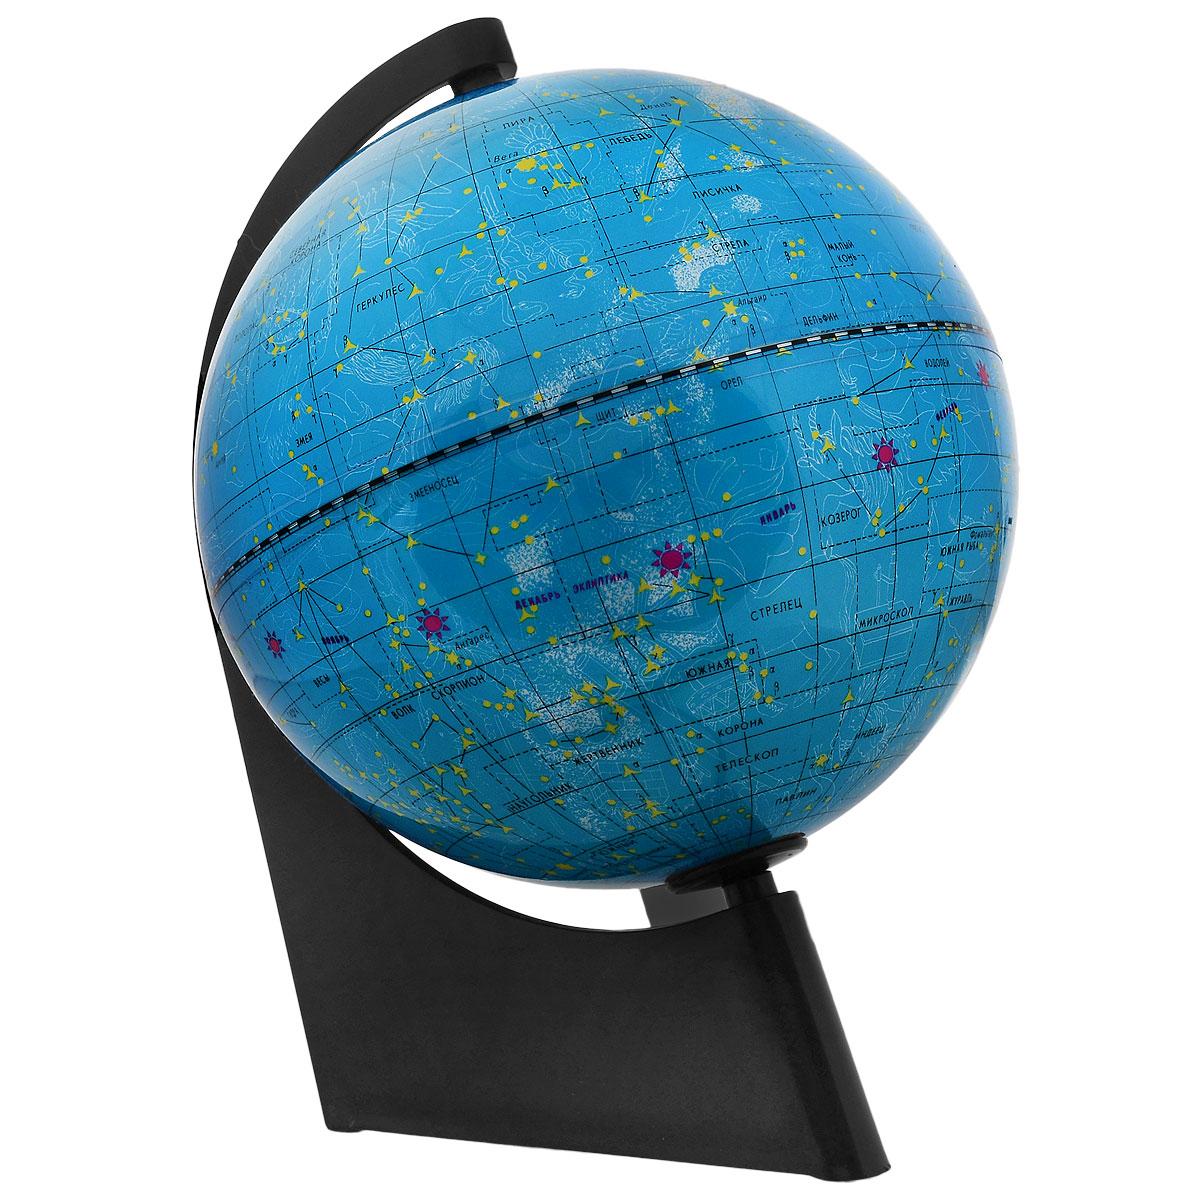 Глобусный мир Глобус звездного неба, с подсветкой, диаметр 21 см10296Глобус звездного неба Глобусный мир, изготовленный из высококачественного прочного пластика. Данная модель предназначена для ознакомления с космосом, звездами и созвездиями. На нем нанесены те же круги, что и на картах звёздного неба, - небесные параллели, меридианы, экватор и эклиптика. Глобус имеет функцию подсветки от электрической сети, при включении которой рисунки созвездий, зодиакальные созвездия высвечиваются яркими цветами. Такой глобус станет прекрасным подарком и учебным материалом для дальнейшего изучения астрономии. Помимо этого глобус обладает приятной цветовой гаммой. Изделие расположено на треугольной подставке. Настольный глобус звездного неба Глобусный мир станет оригинальным украшением рабочего стола или вашего кабинета. Это изысканная вещь для стильного интерьера, которая станет прекрасным подарком для современного преуспевающего человека, следующего последним тенденциям моды и стремящегося к элегантности и комфорту в каждой детали. ...